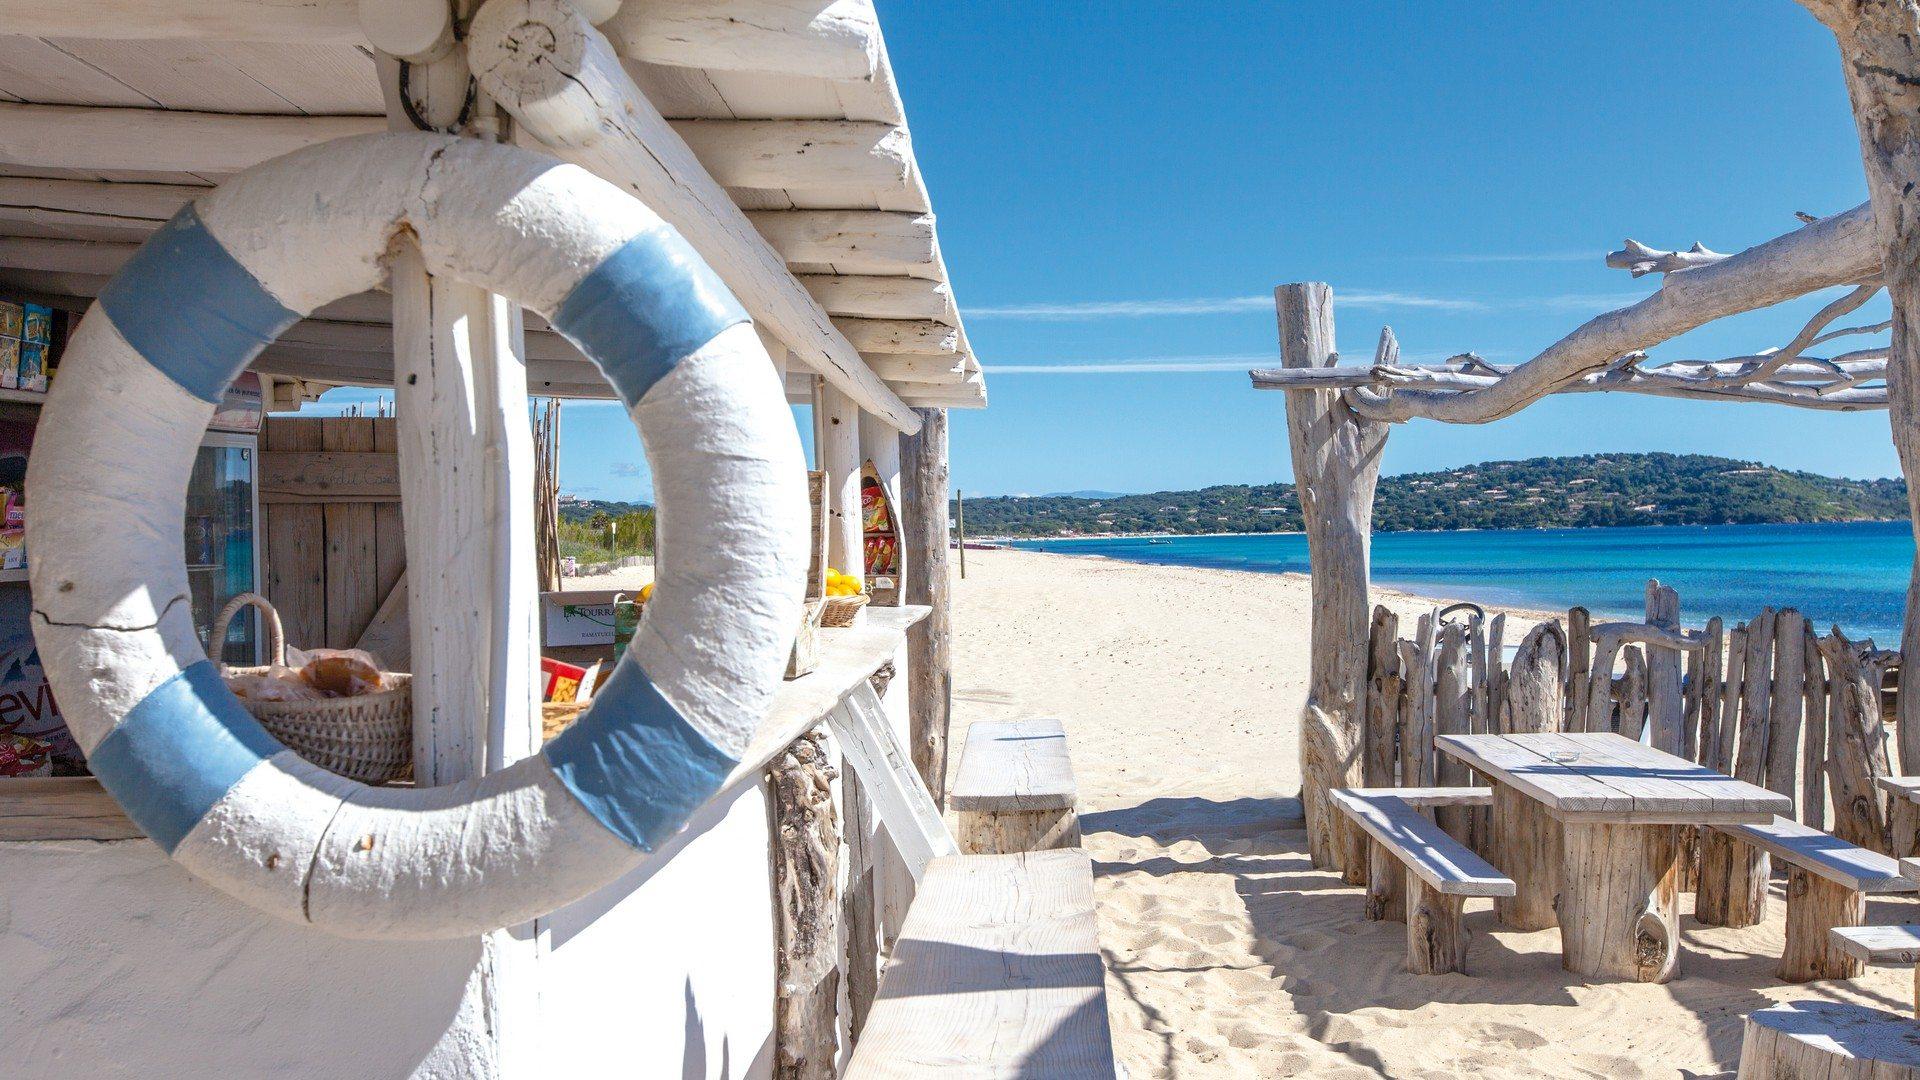 Pampelonne-Beach-bar-st-tropez